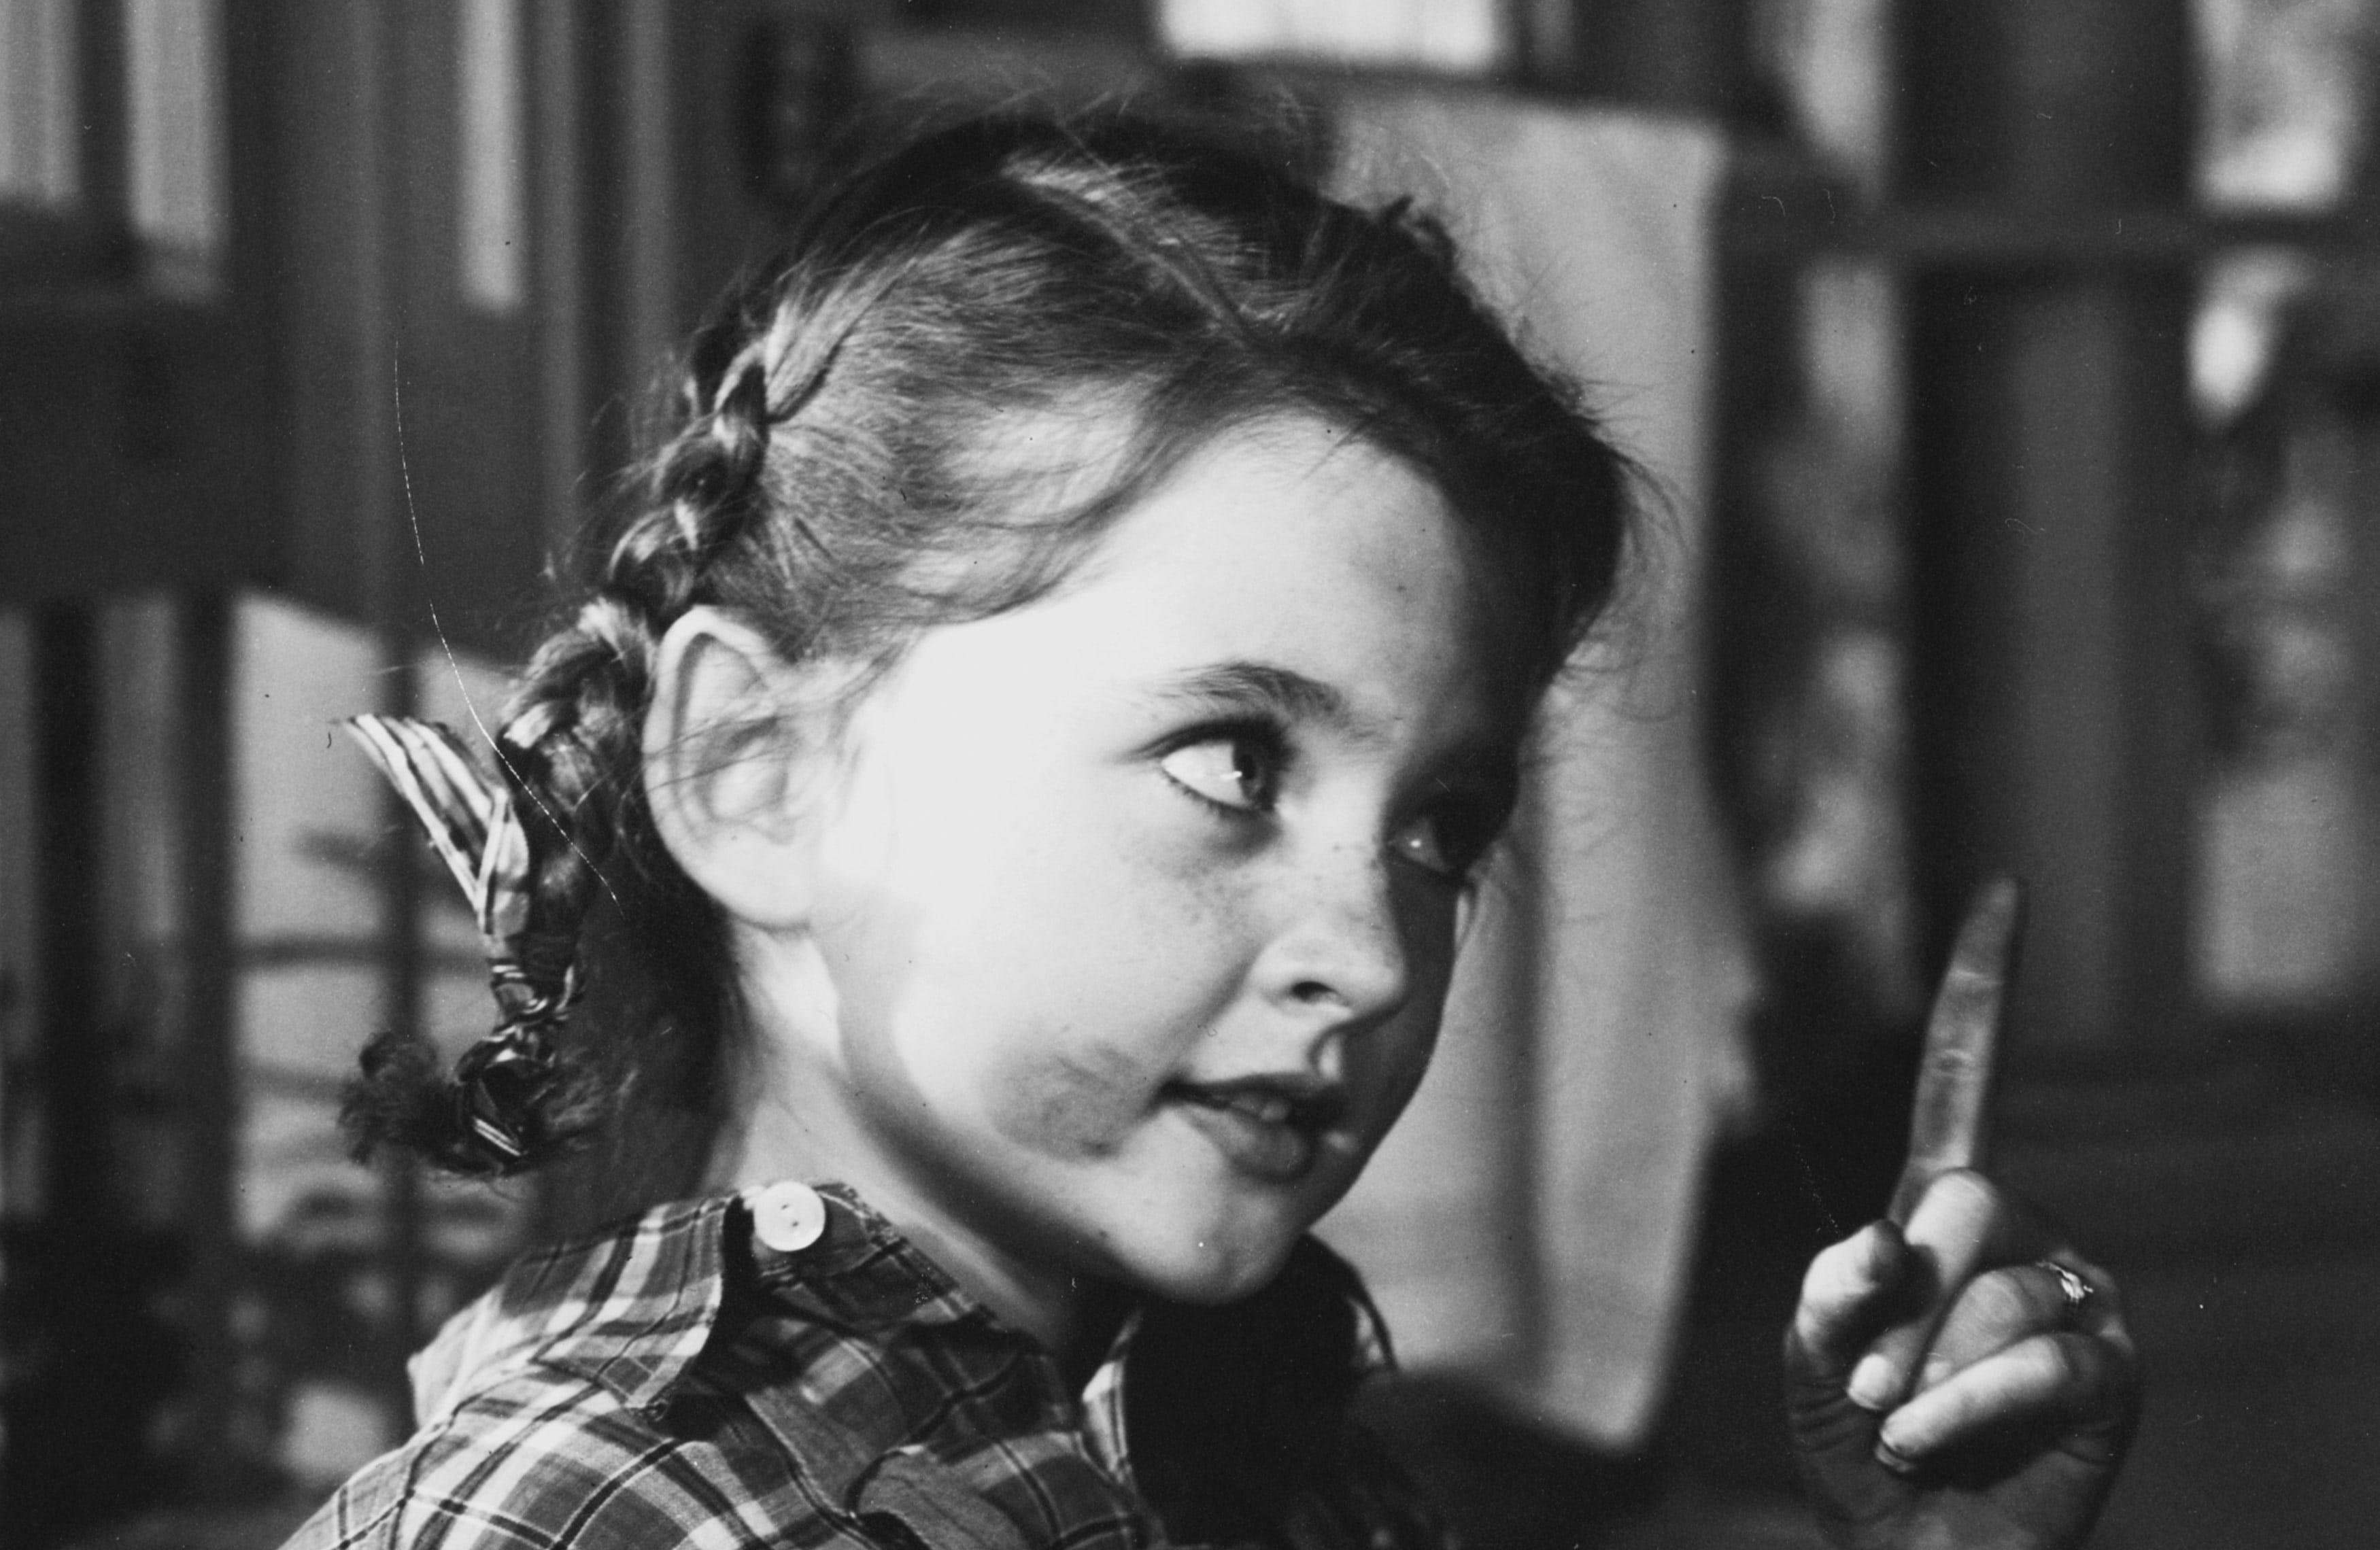 Jo Ann Marlowe